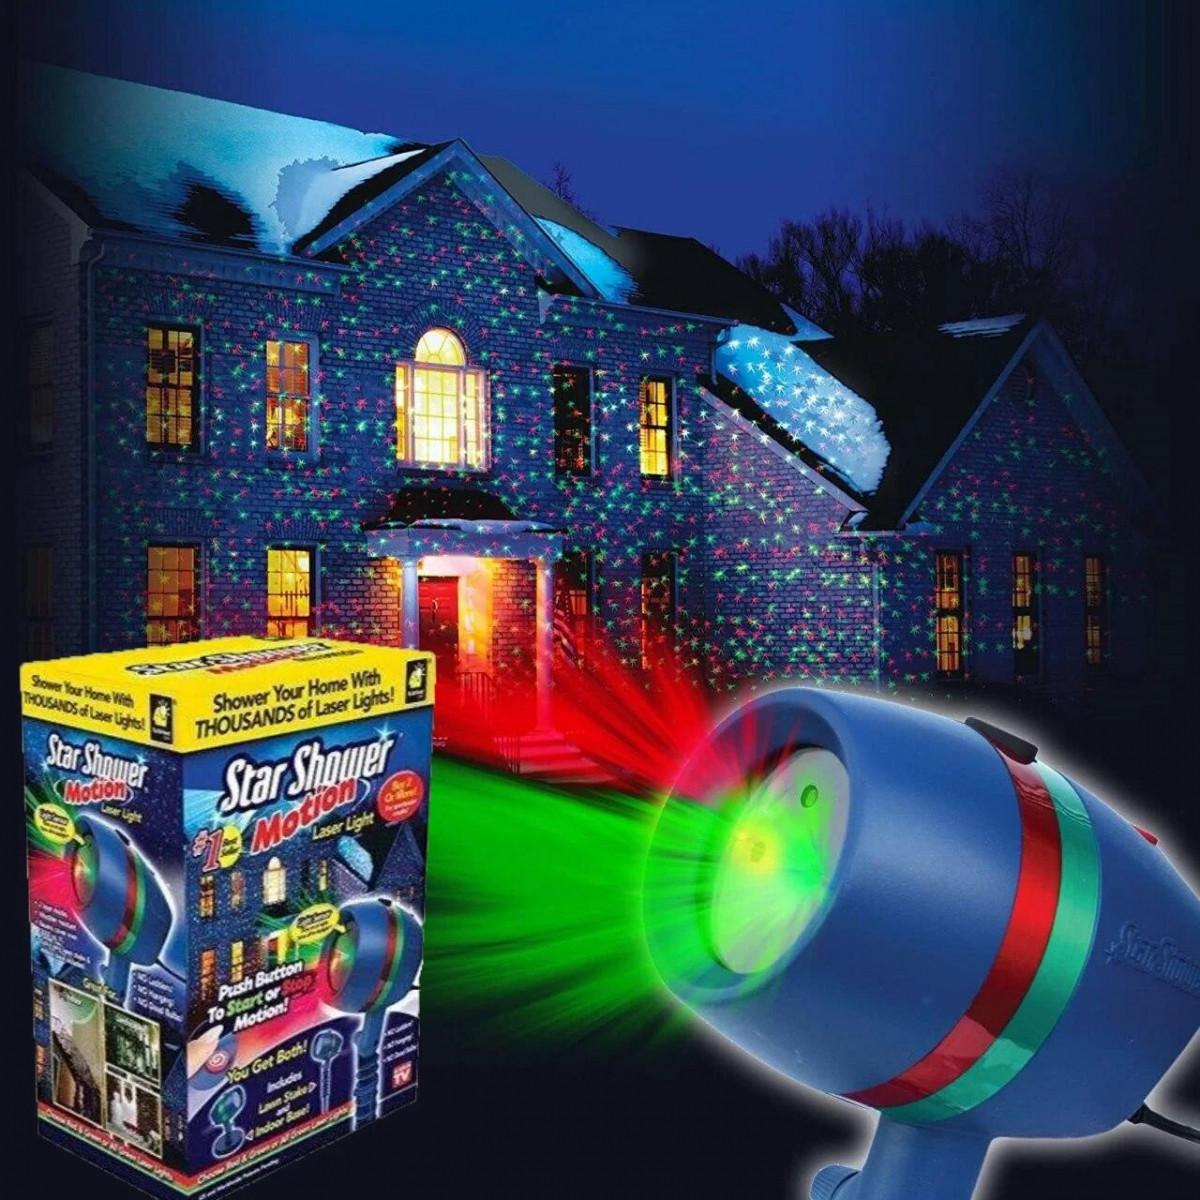 Лазерный уличный проектор Star Shower Motion